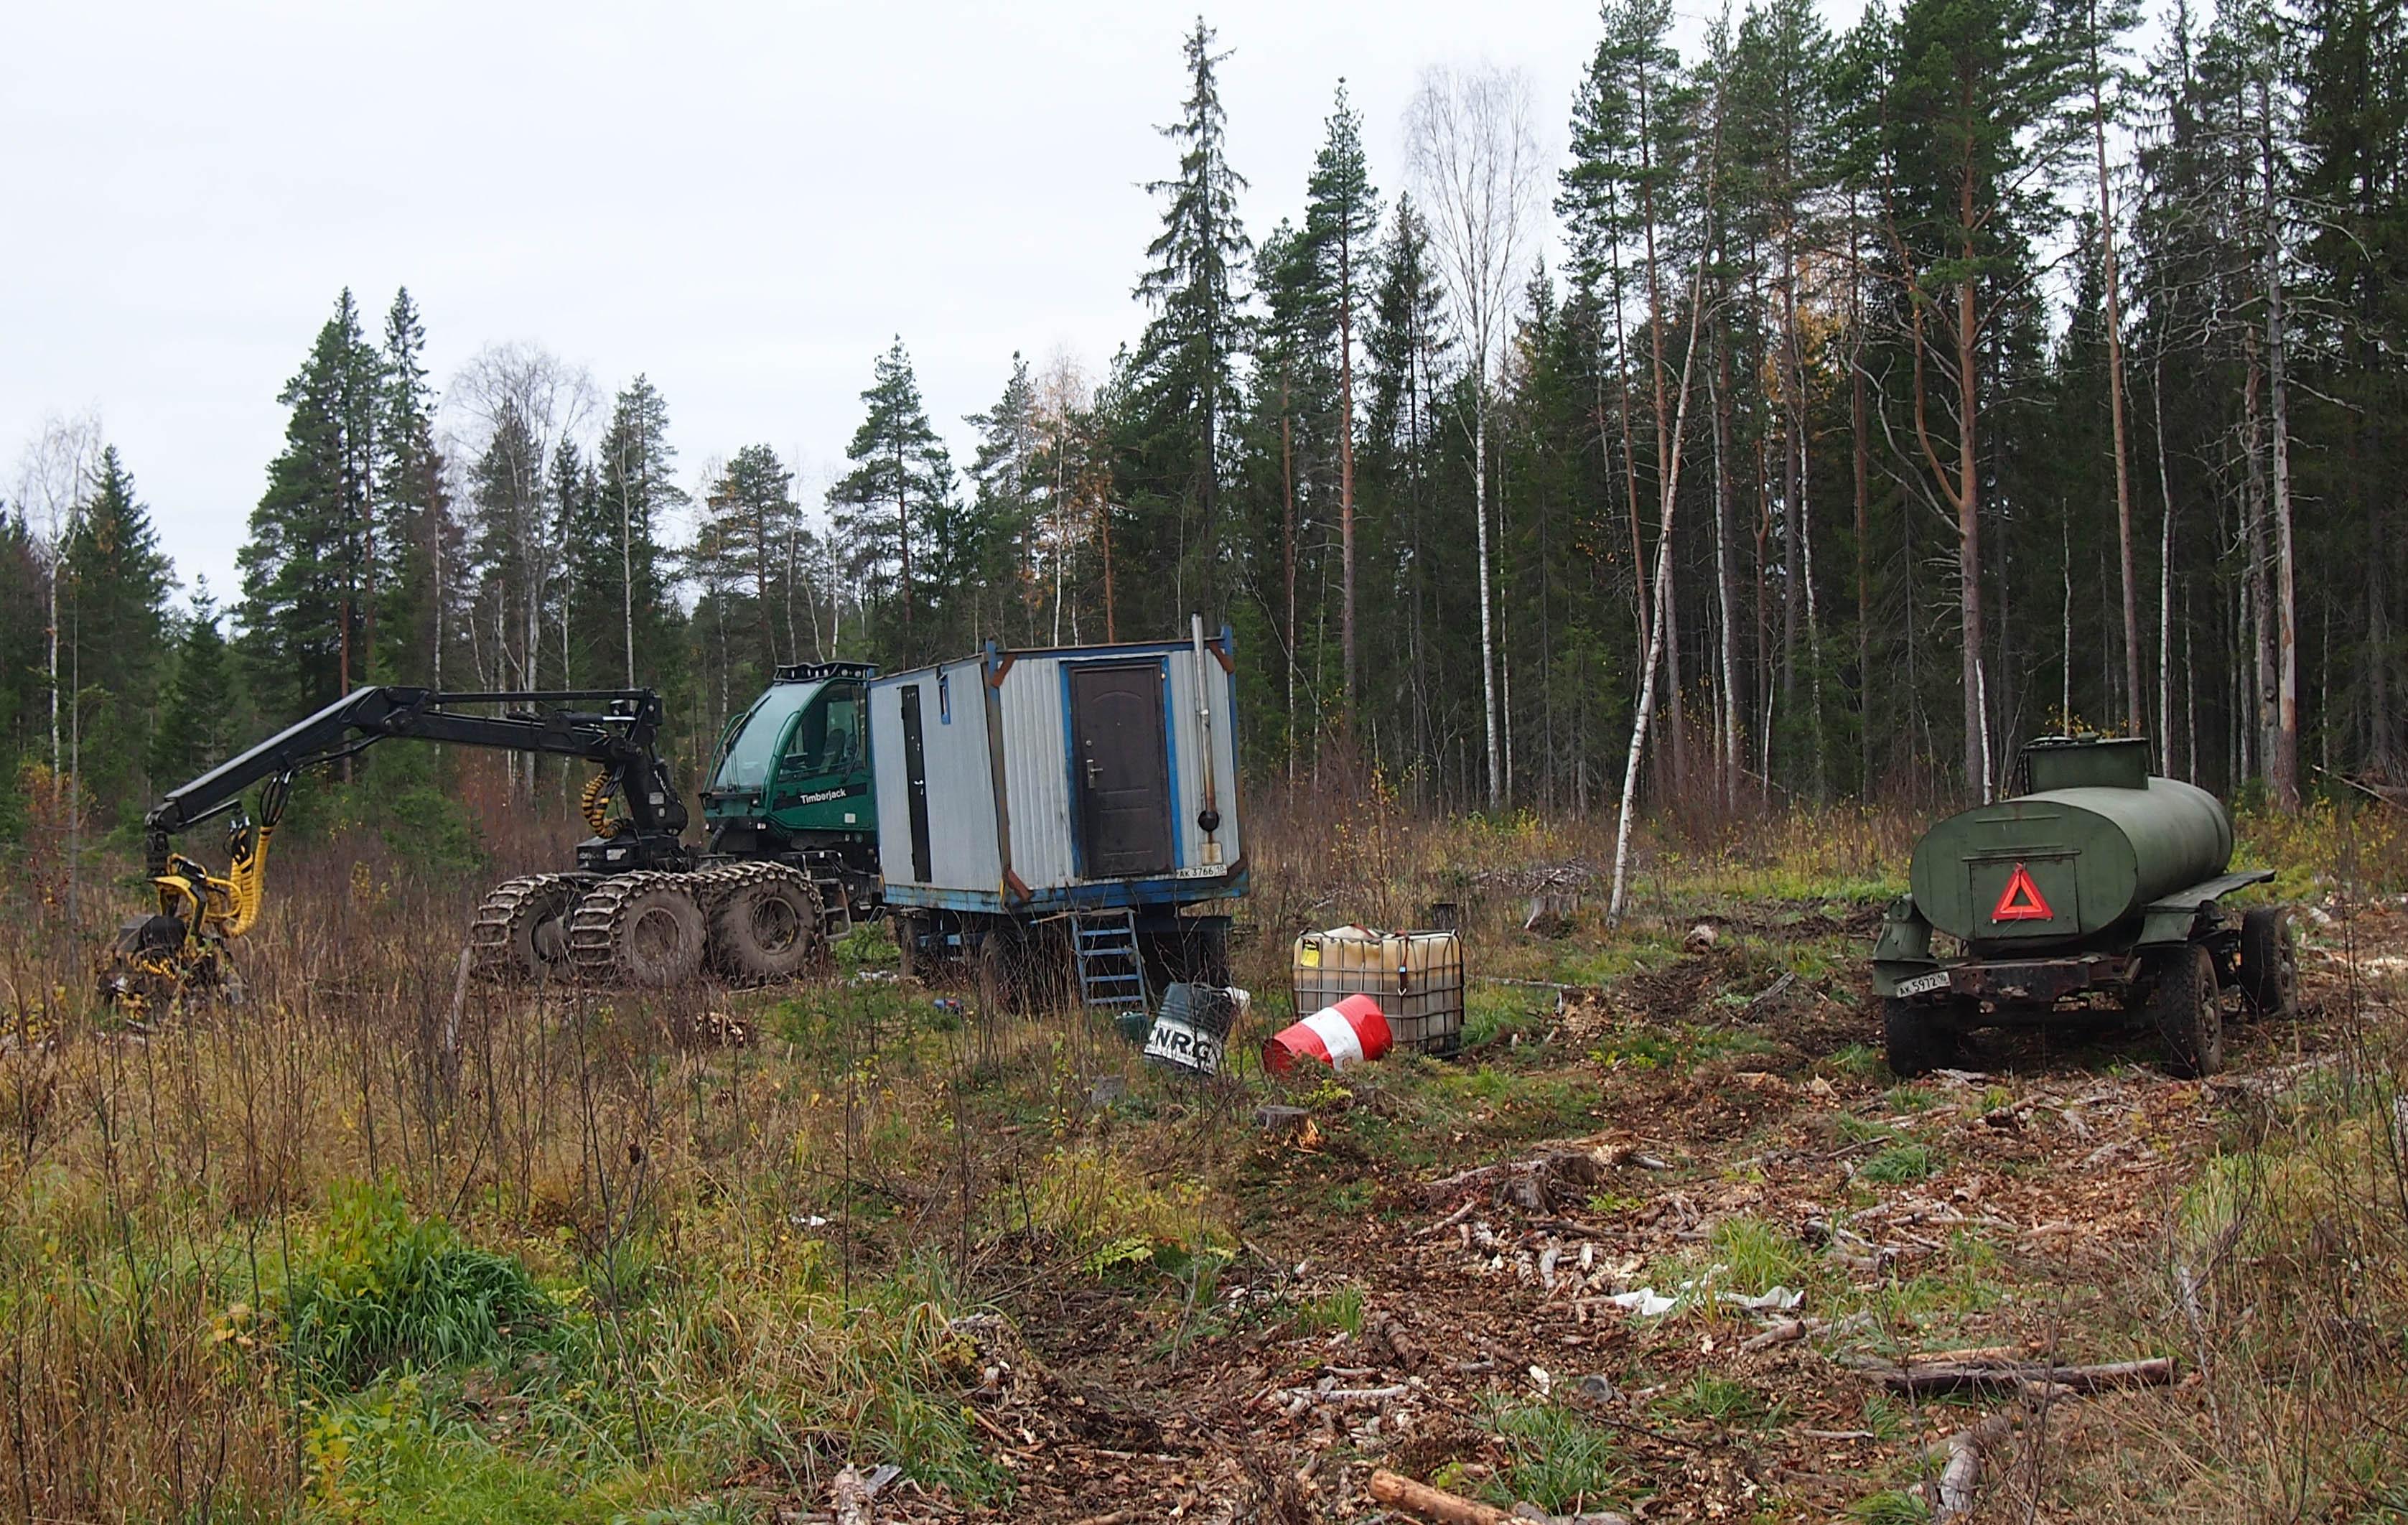 Лесозаготовители, начавшие вырубку Сунского бора, были вынуждены отвести технику в свой лагерь. Фото: Валерий Поташов